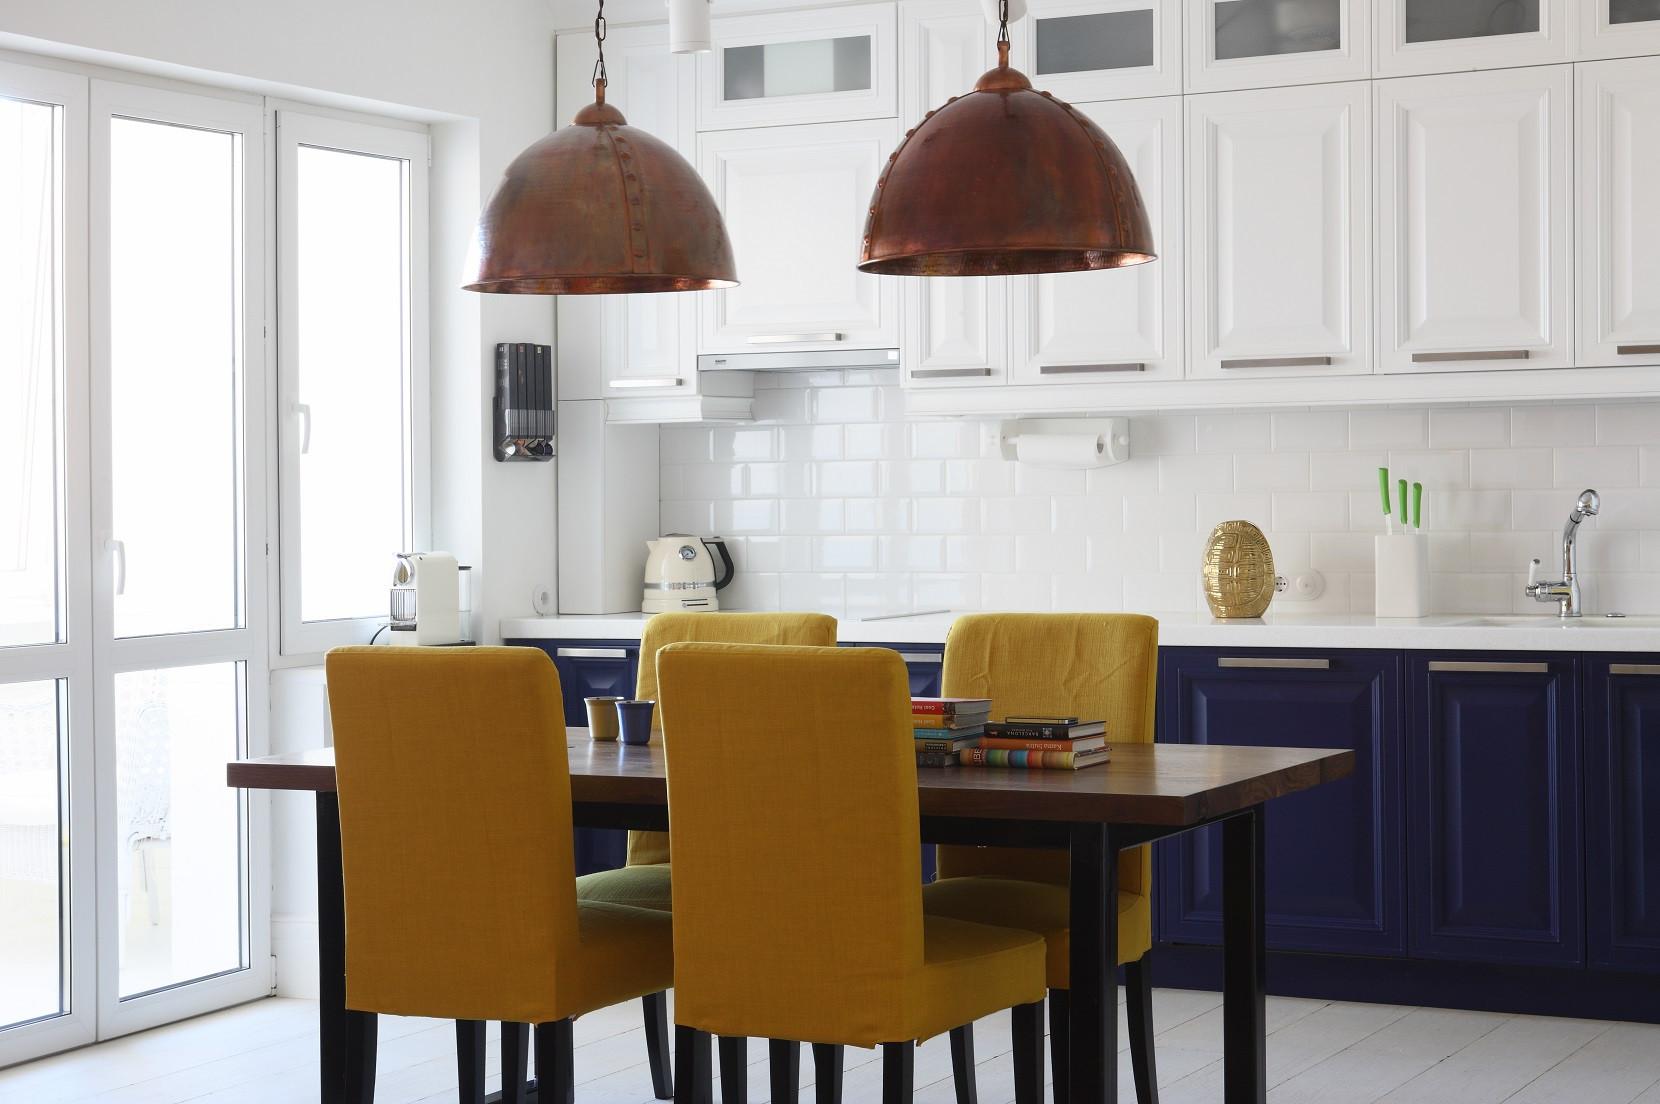 厨房和餐厅是一体化的,白色和蓝色的搭配整体清爽干净